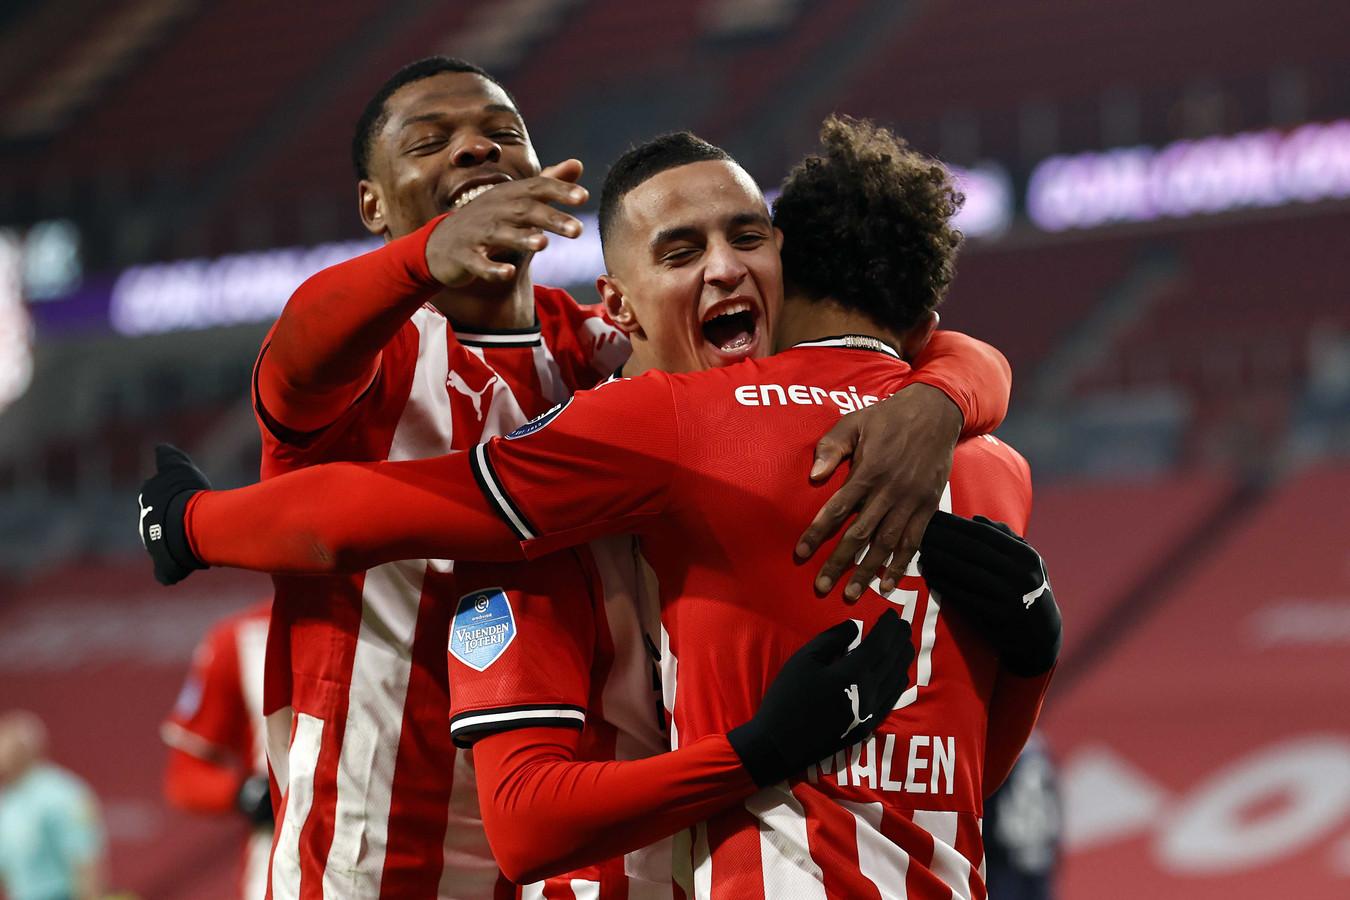 Denzel Dumfries, Mohamed Ihattaren en Donyell Malen in actie bij PSV, waar ze juichen na een goal.